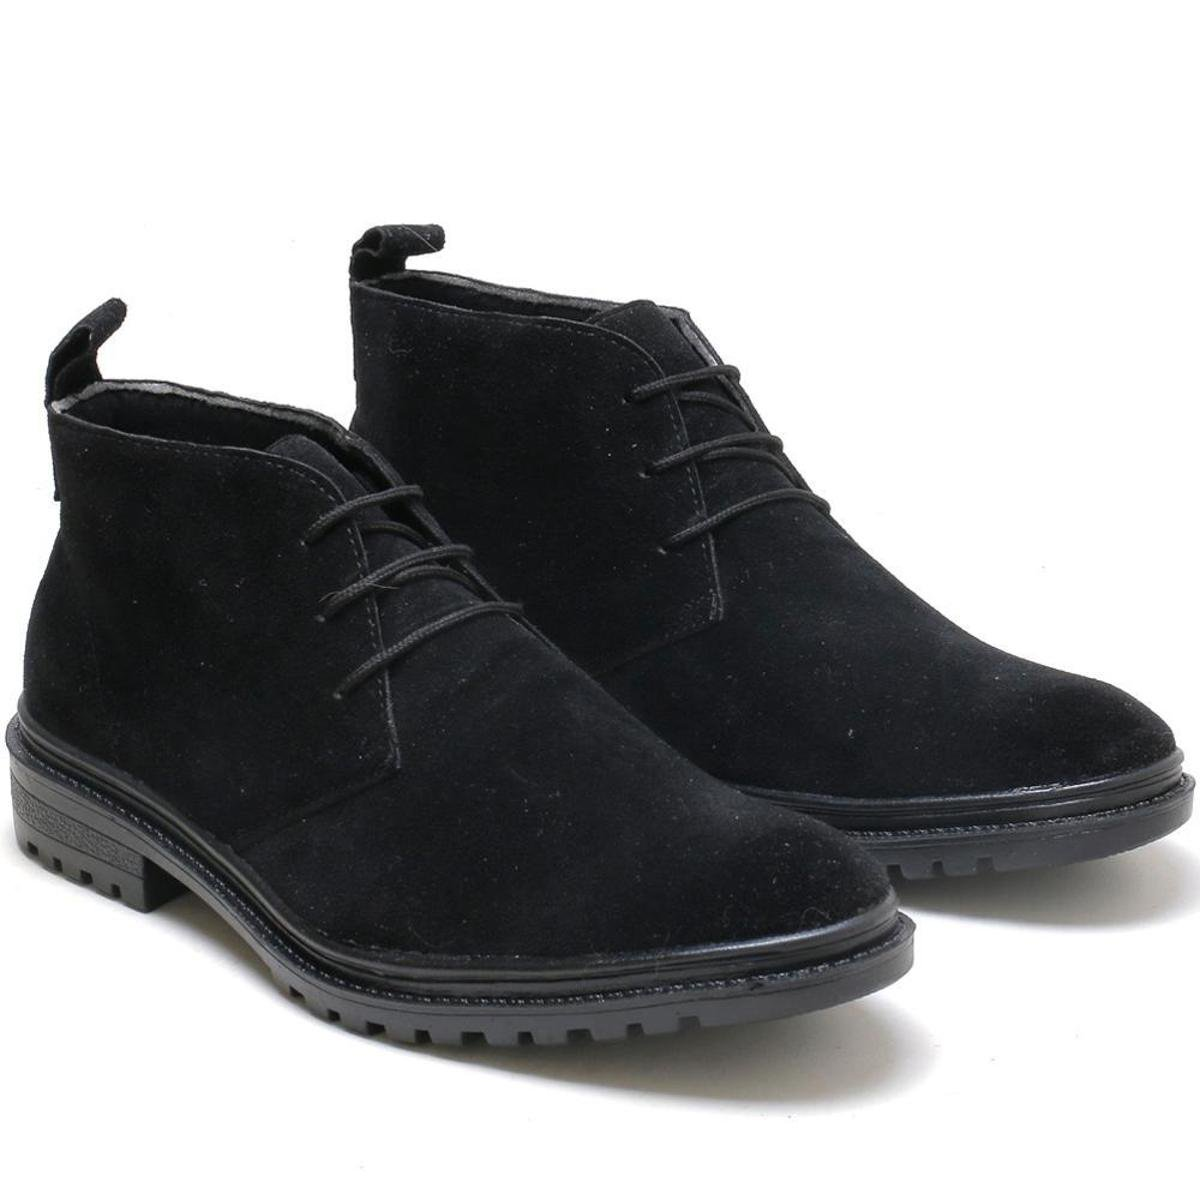 Bota Camurça Navit Shoes Alabama Masculina - Preto